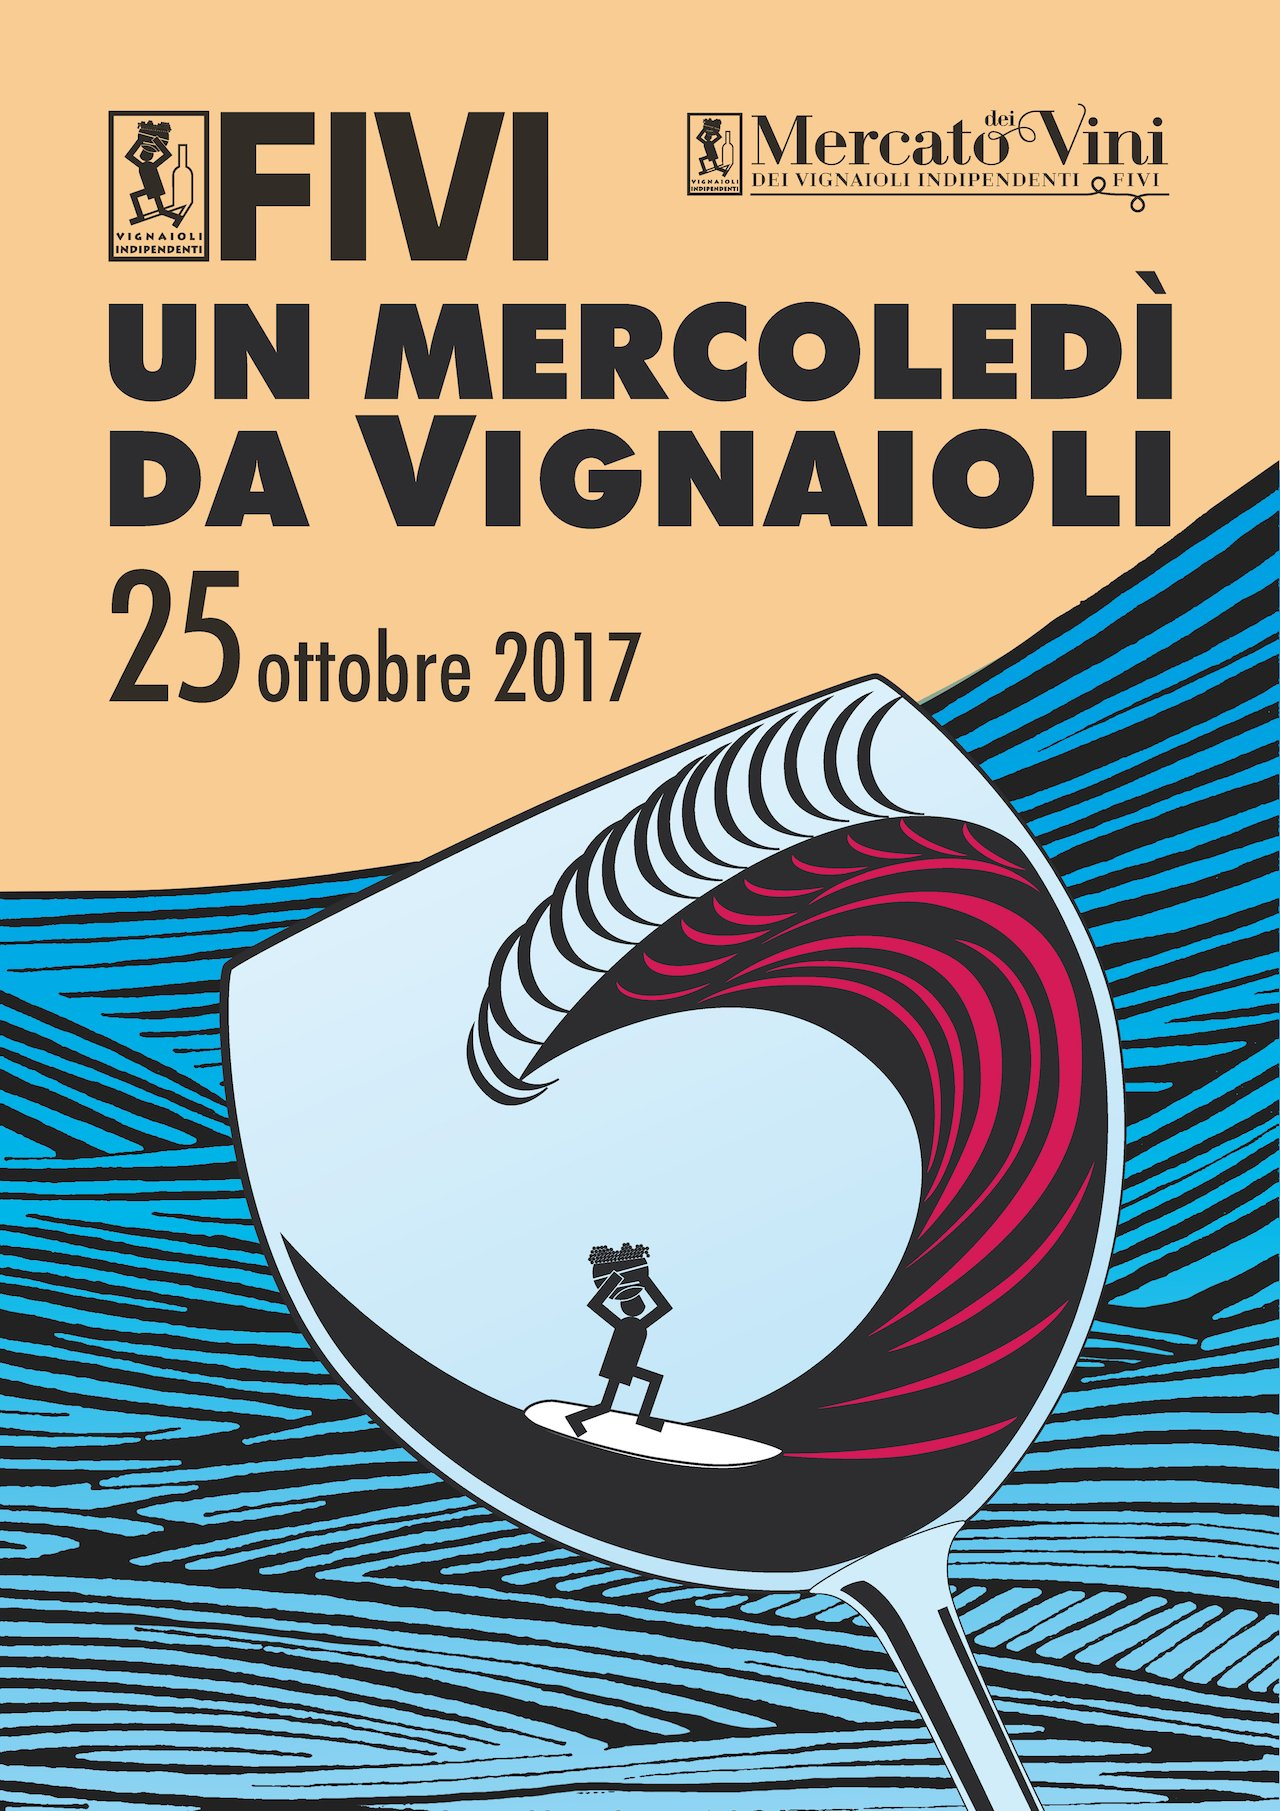 La novità del Mercato 2017: un mercoledì da Vignaioli. Il 25 ottobre una cena in 12 ristoranti del territorio. A breve tutti i dettagli https://t.co/xUGW4TLgCs